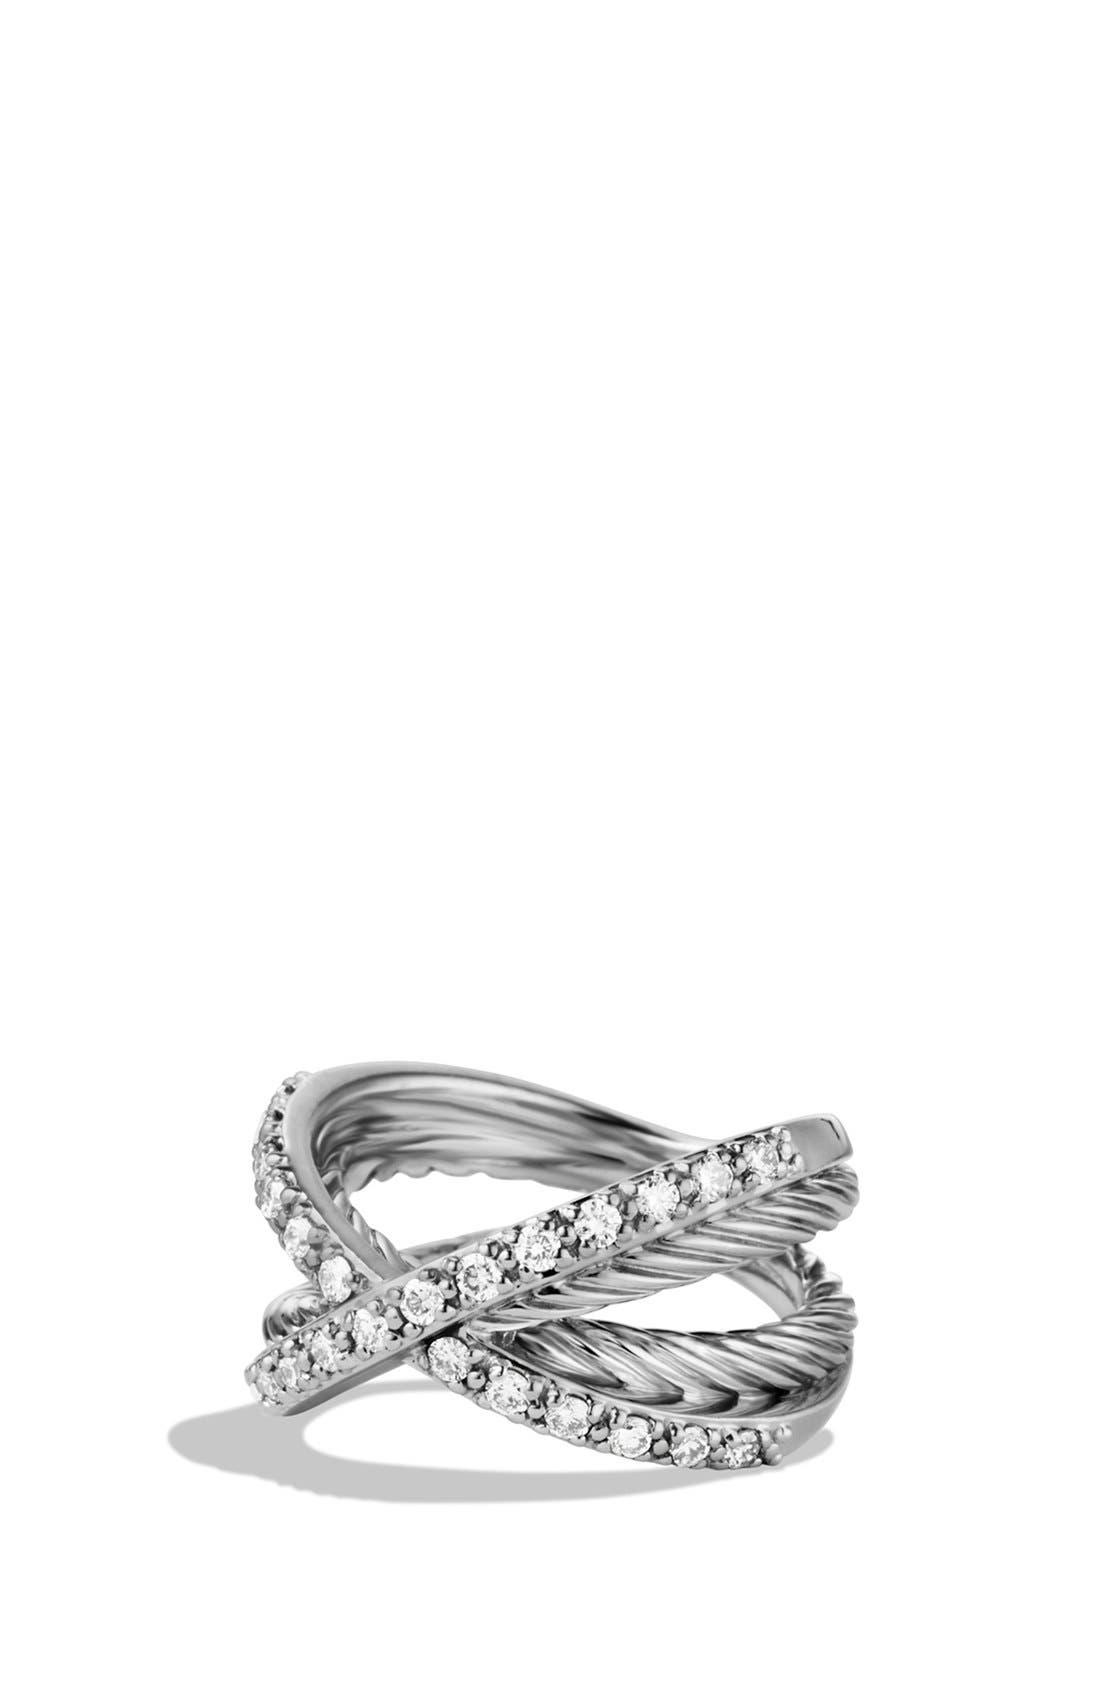 Alternate Image 1 Selected - David Yurman 'Crossover' Pavé Diamond Ring